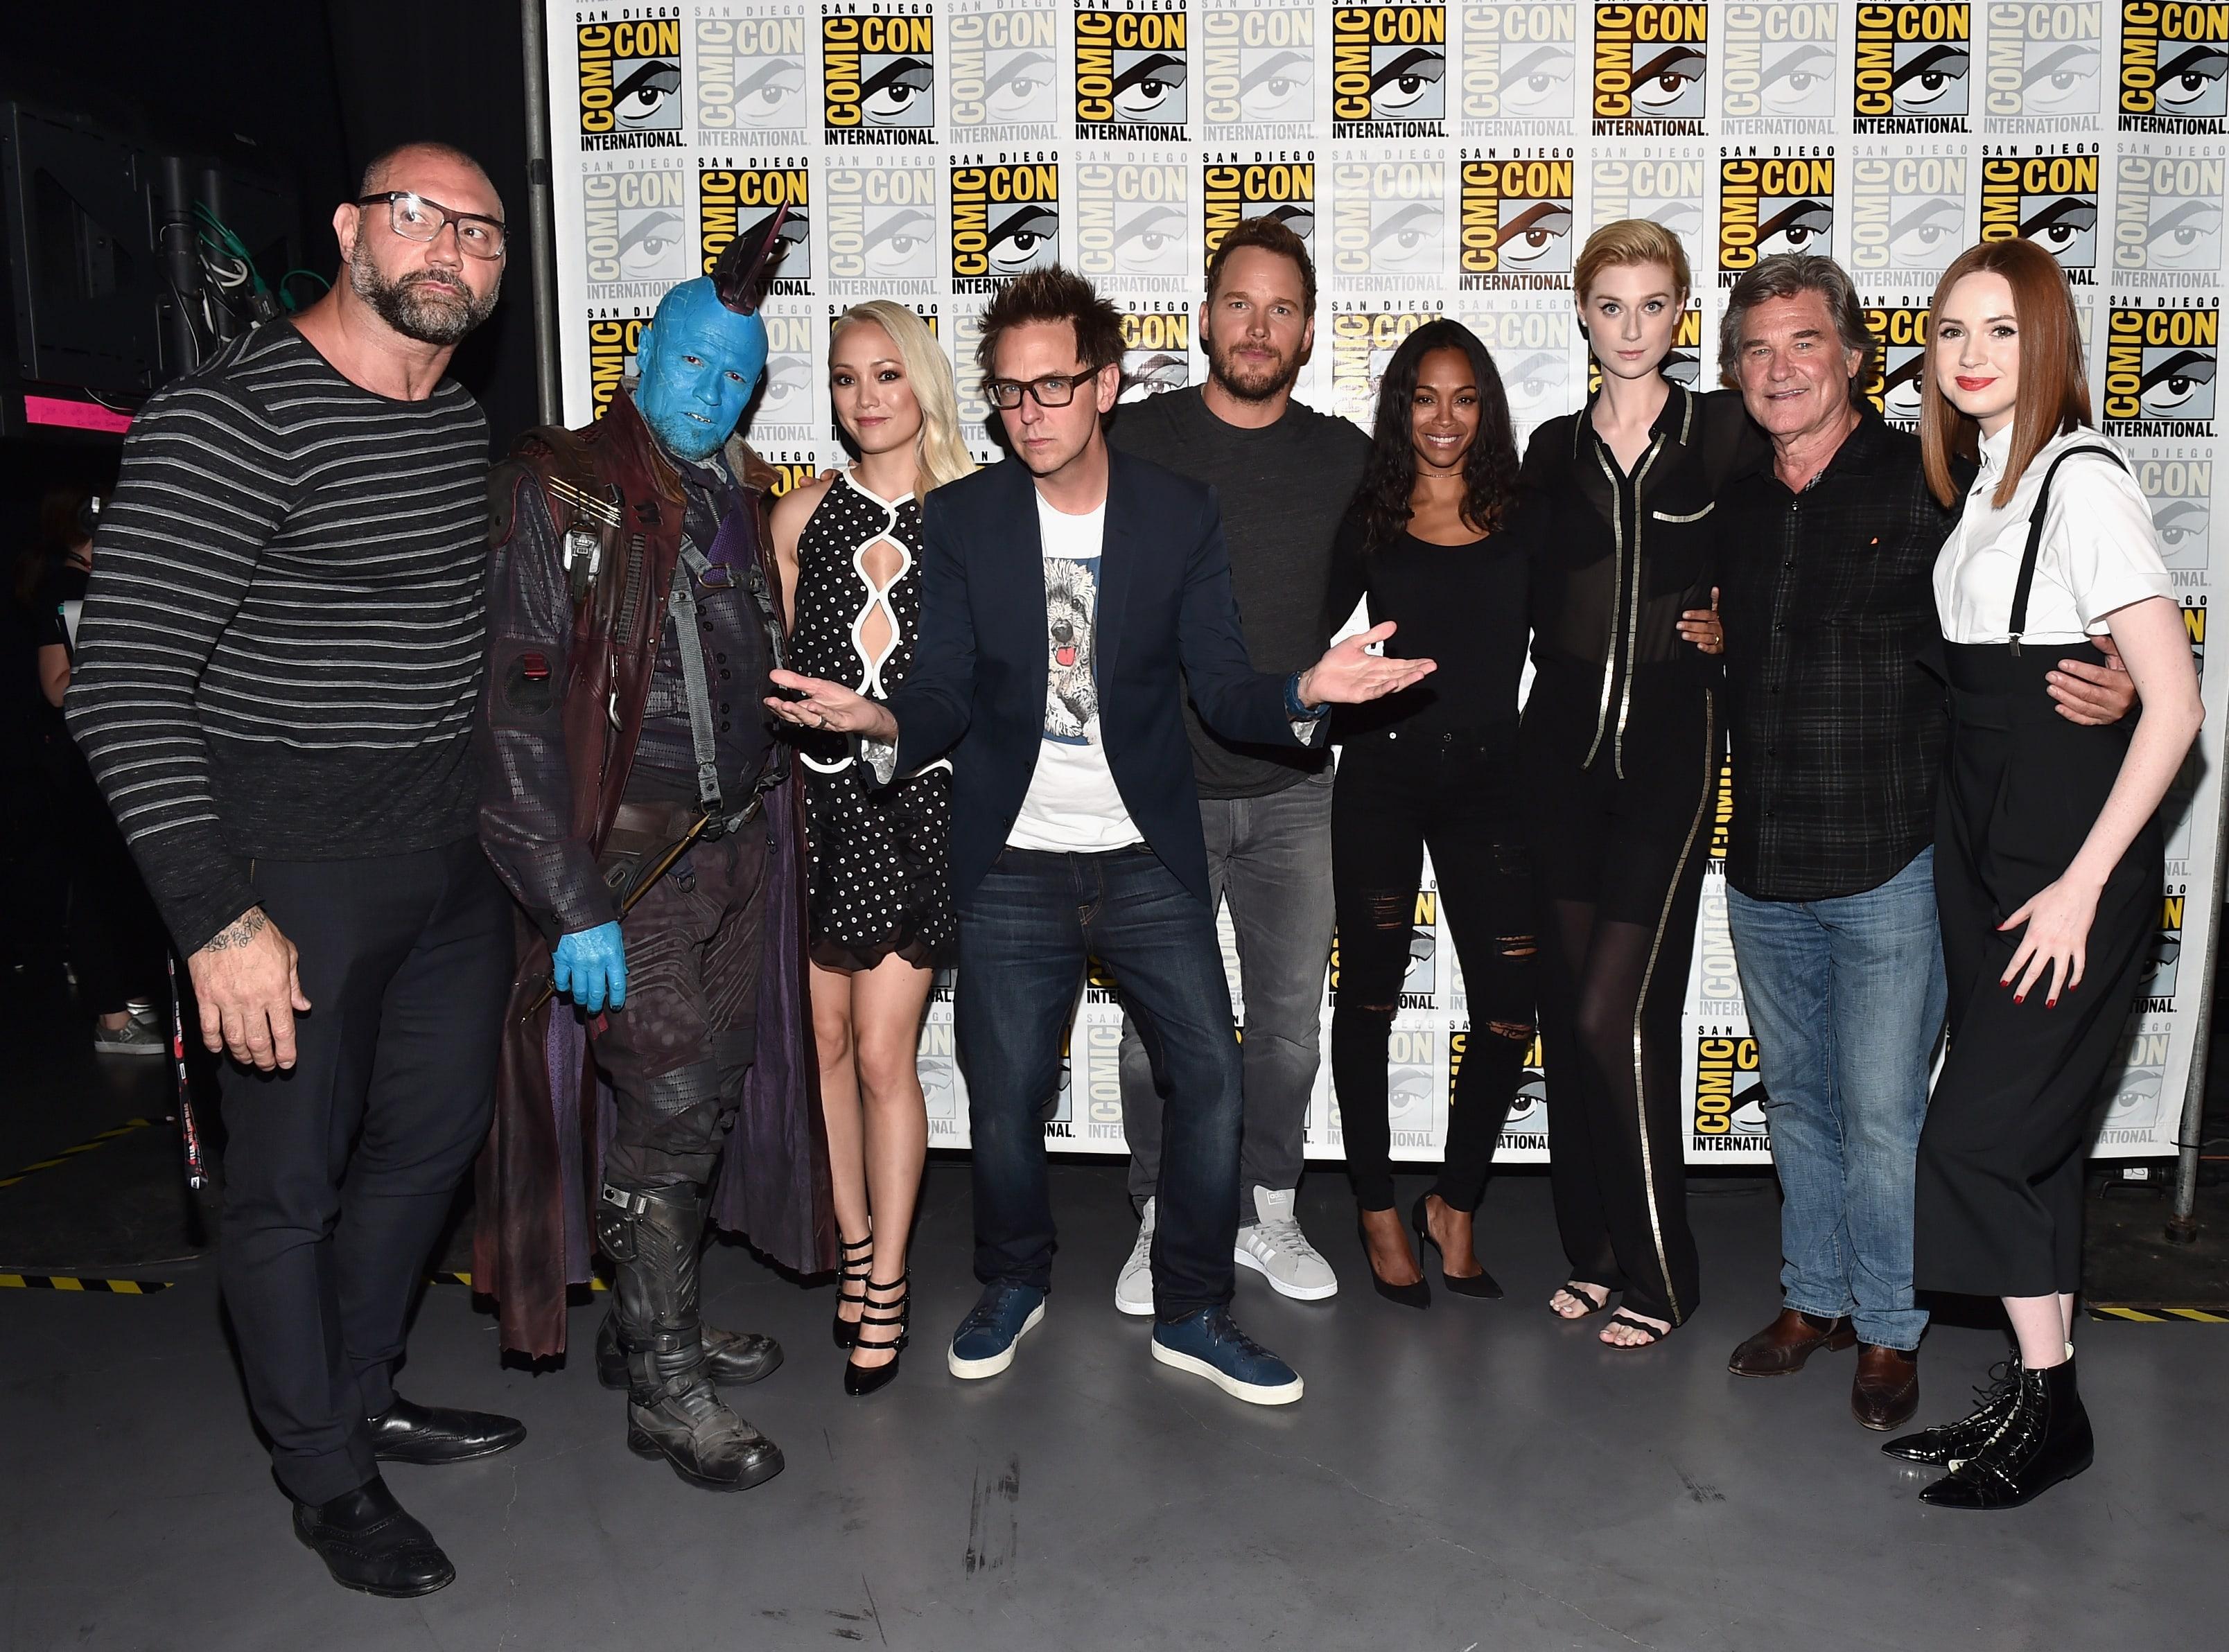 Джеймс Ганн и актеры из фильма «Стражи Галактики. Часть 2» на фестивале San Diego Comic-Con International